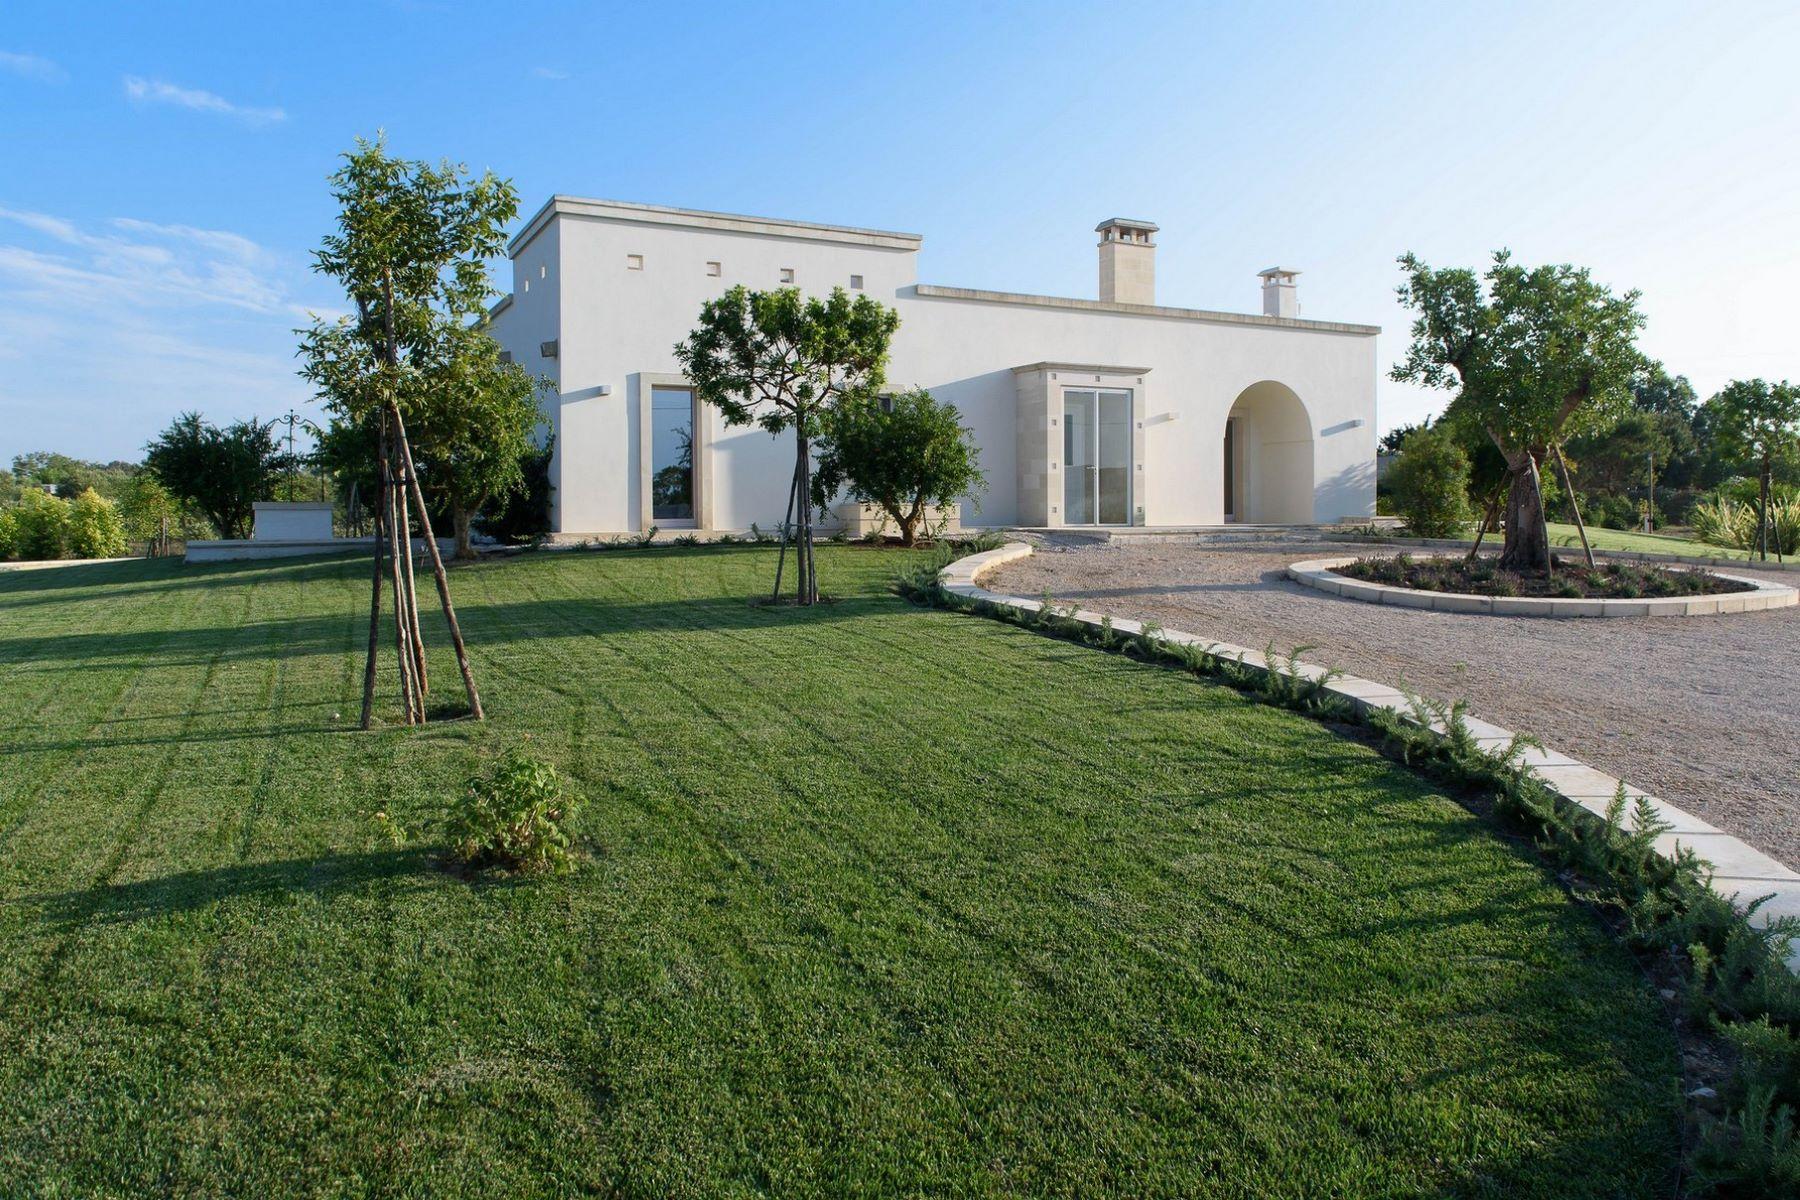 Single Family Home for Sale at Stone design villa in Salento Contrada Contatore Cutrofiano, Lecce 73020 Italy